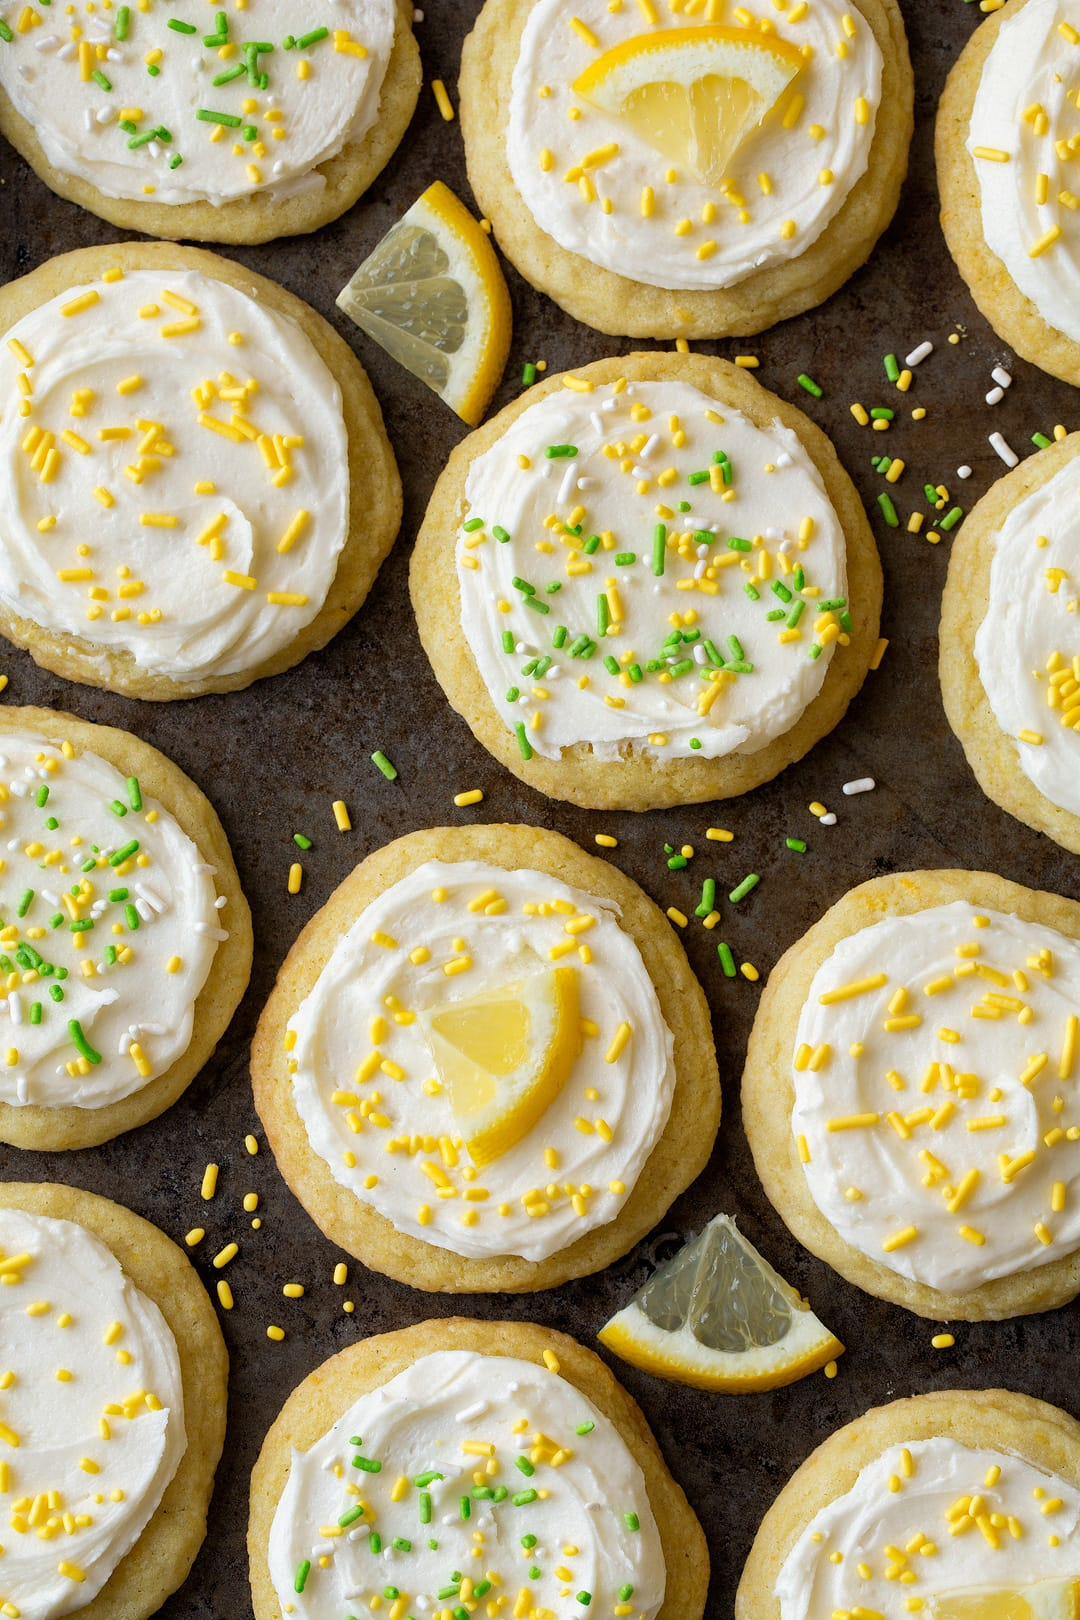 Chewy Lemonade Sugar Cookies Recipe